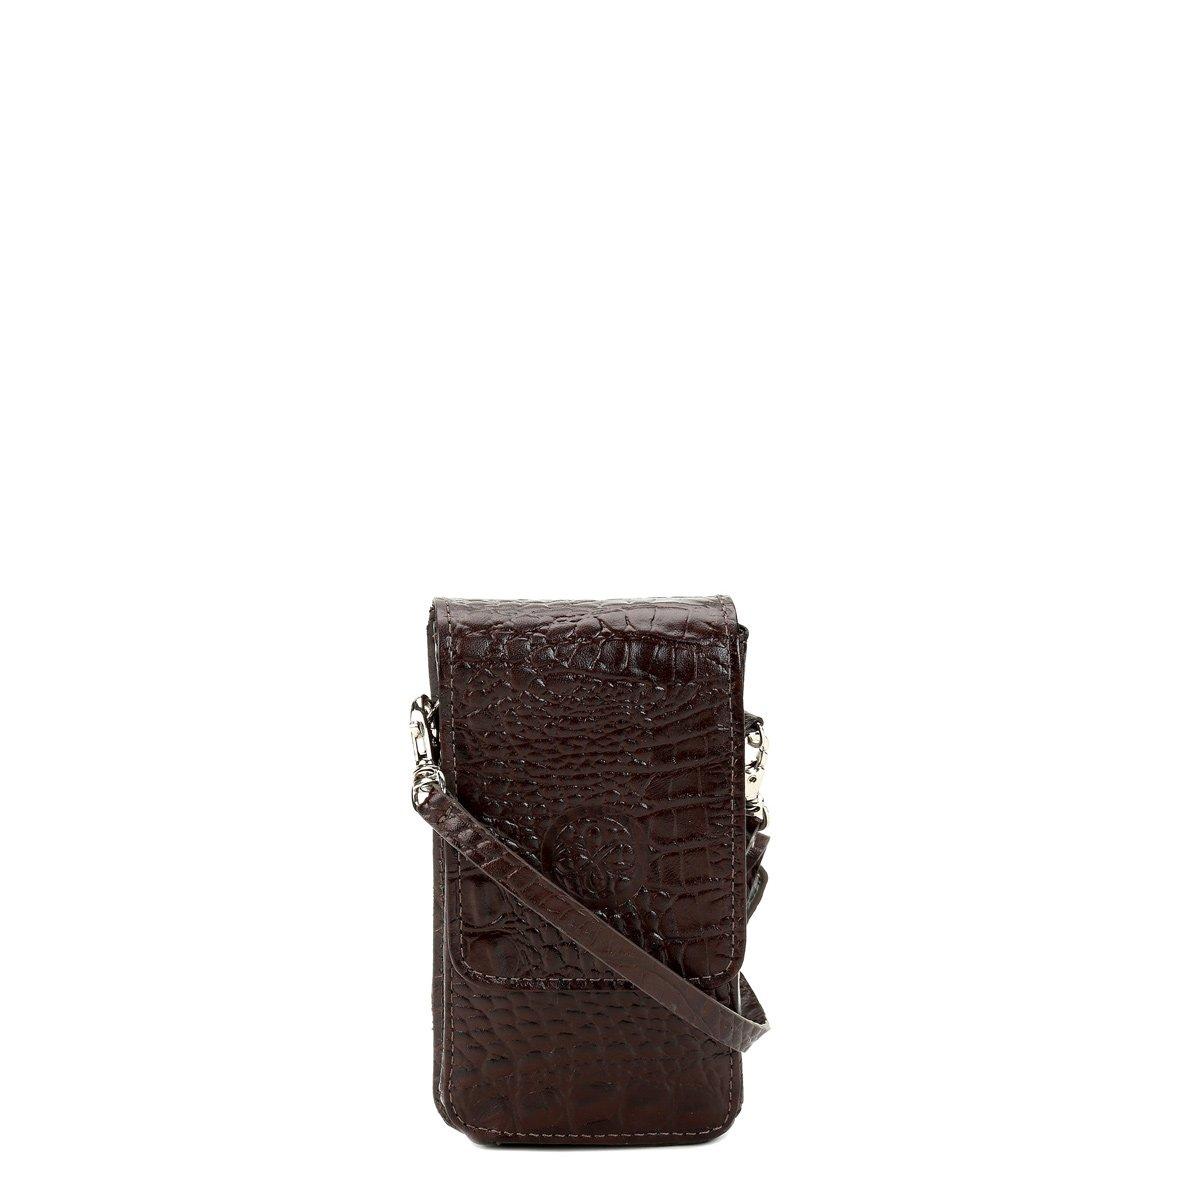 76e4b973c Bolsa Couro Shoestock Porta Celular E Cartão Feminina | Shoestock